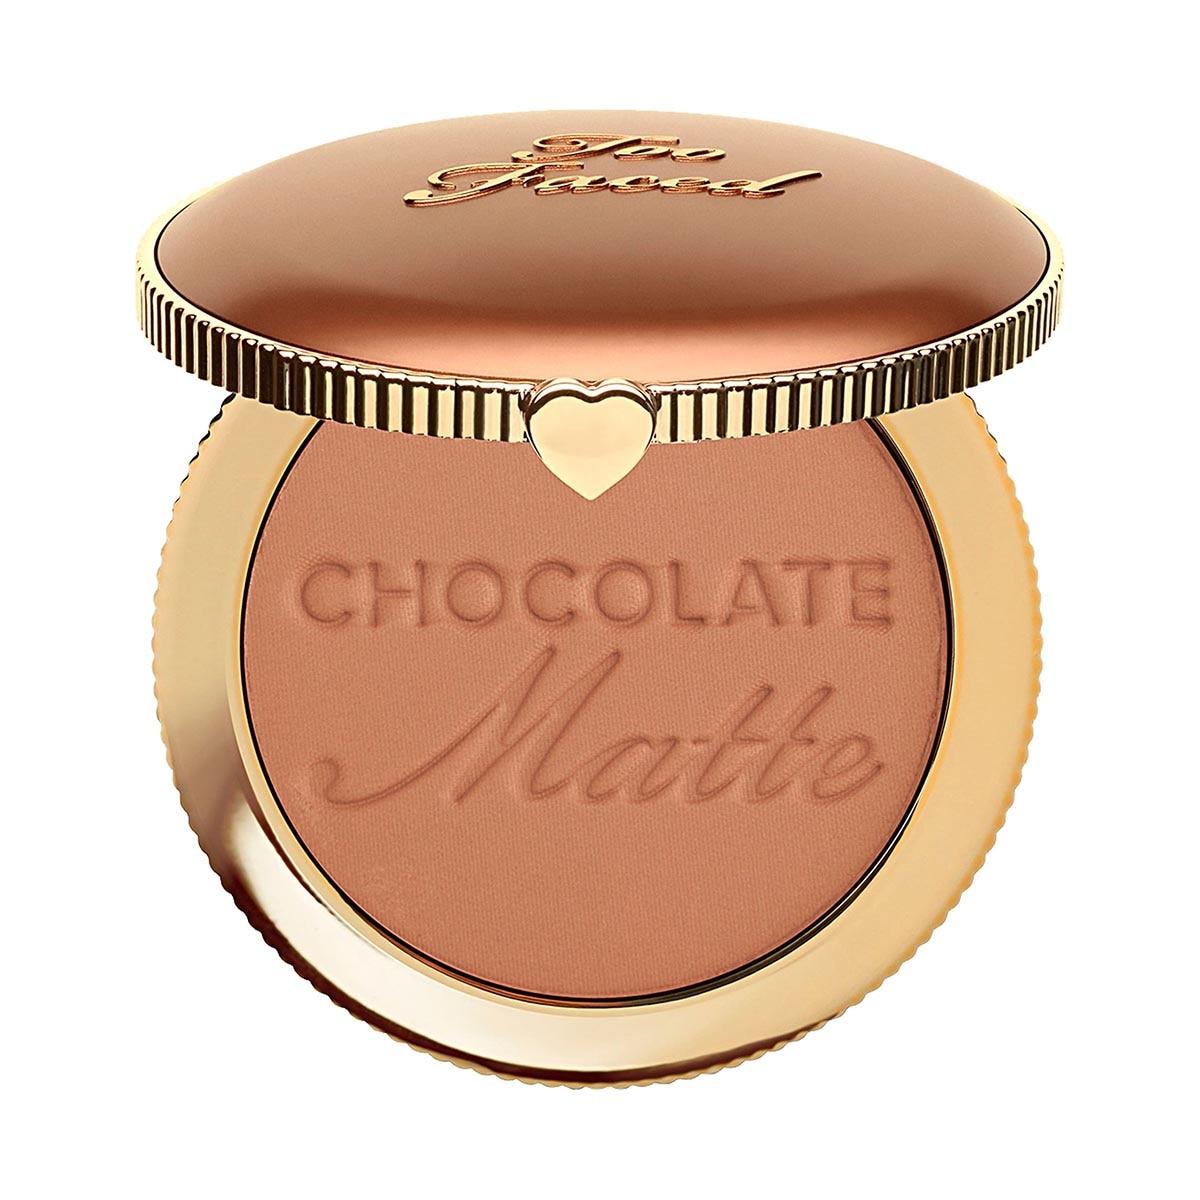 CHOCOLATE SOLEI MATTE BRONZER